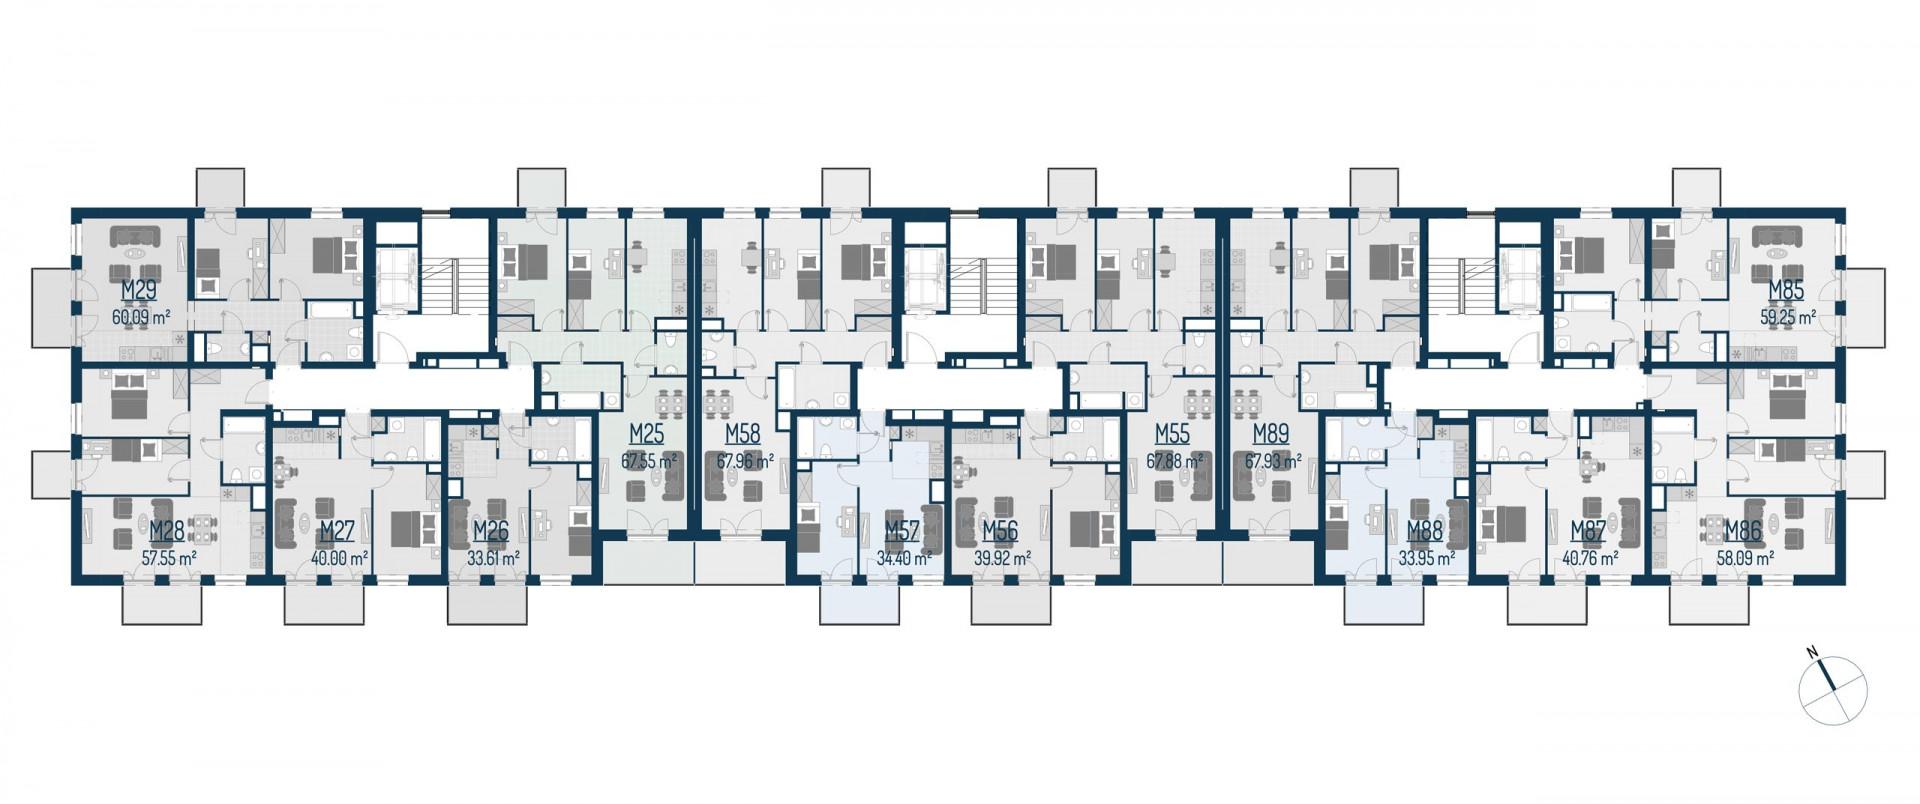 Zdrowe Stylove / budynek 1 / mieszkanie nr M86 rzut 2